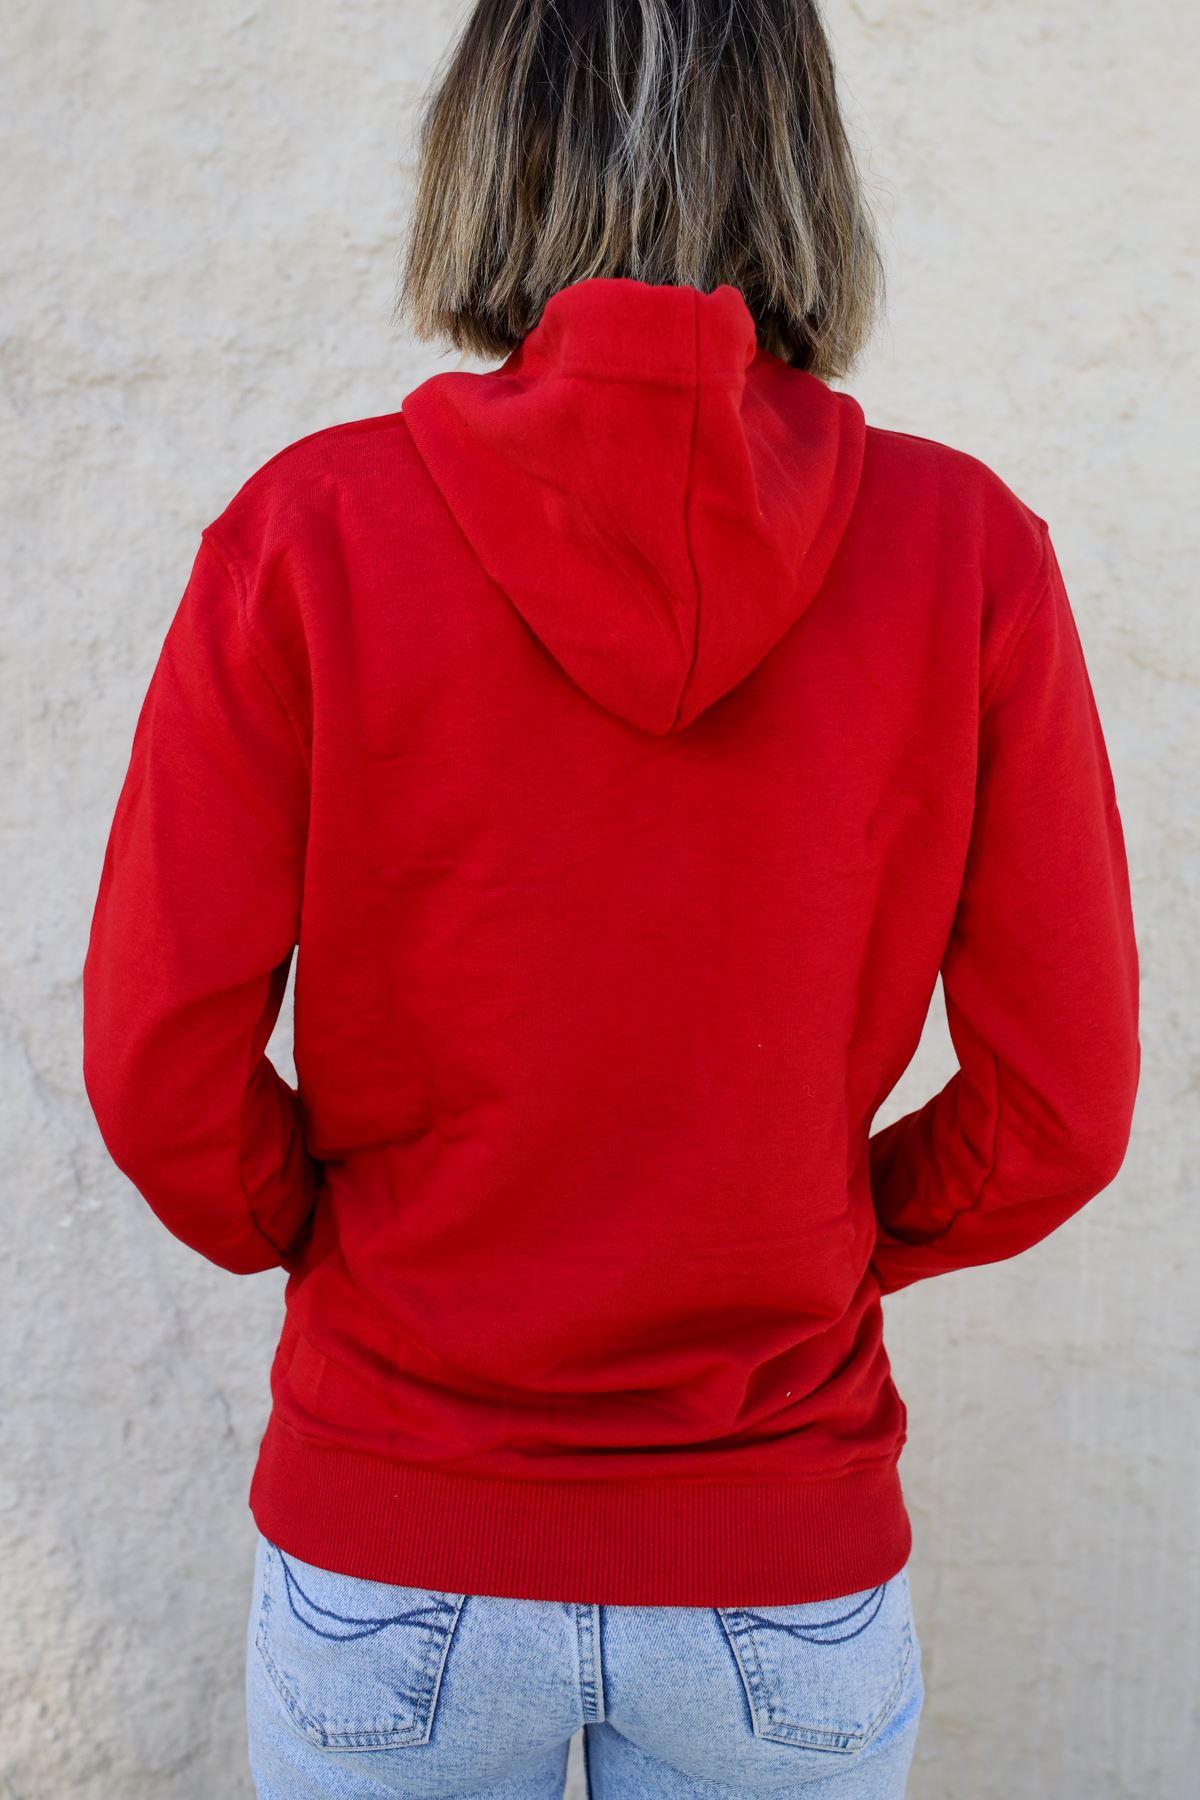 Kapüşonlu Kadın Sweatshirt KIRMIZI